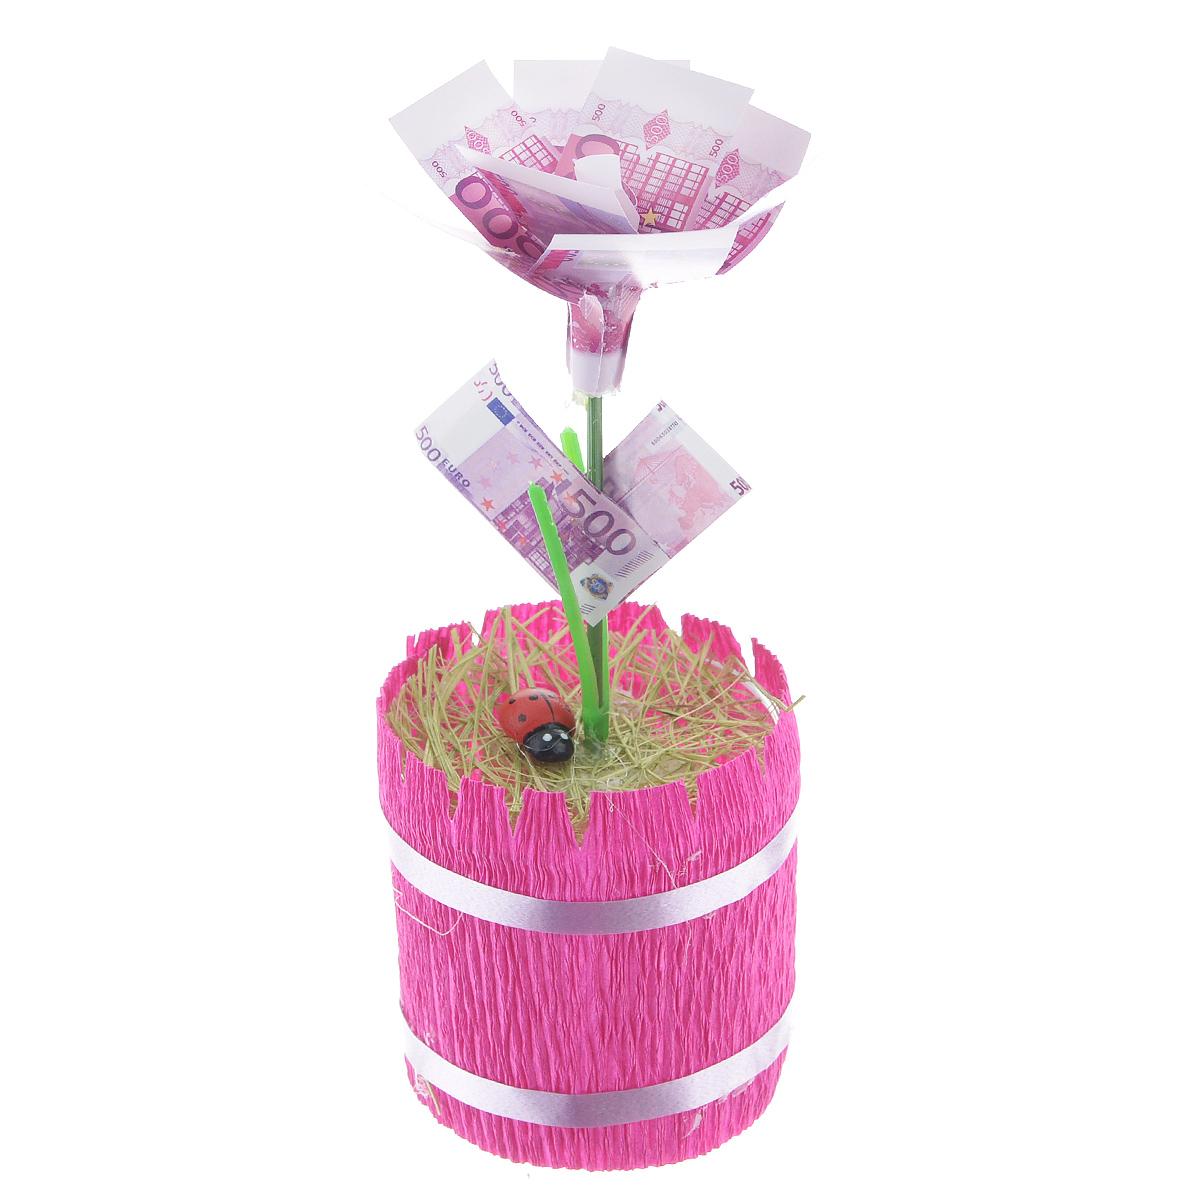 Денежный цветок Расцвет бизнеса. Евро, цвет: ярко-розовый, зеленый, белый